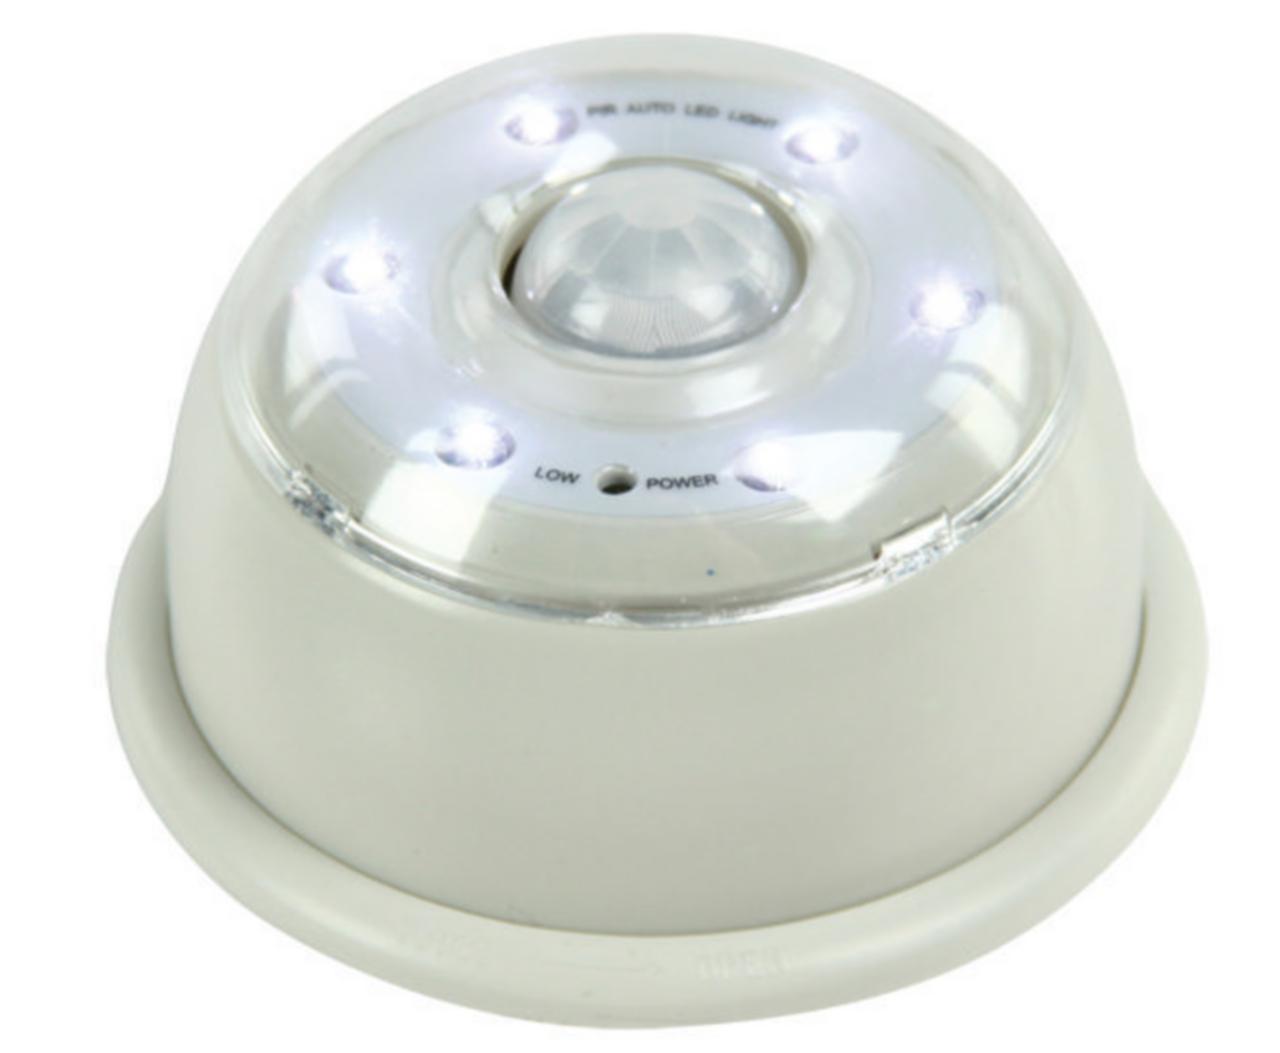 Zelfklevende Led Lampen : Led buitenlamp met sensor op batterijen buitenverlichting kopen